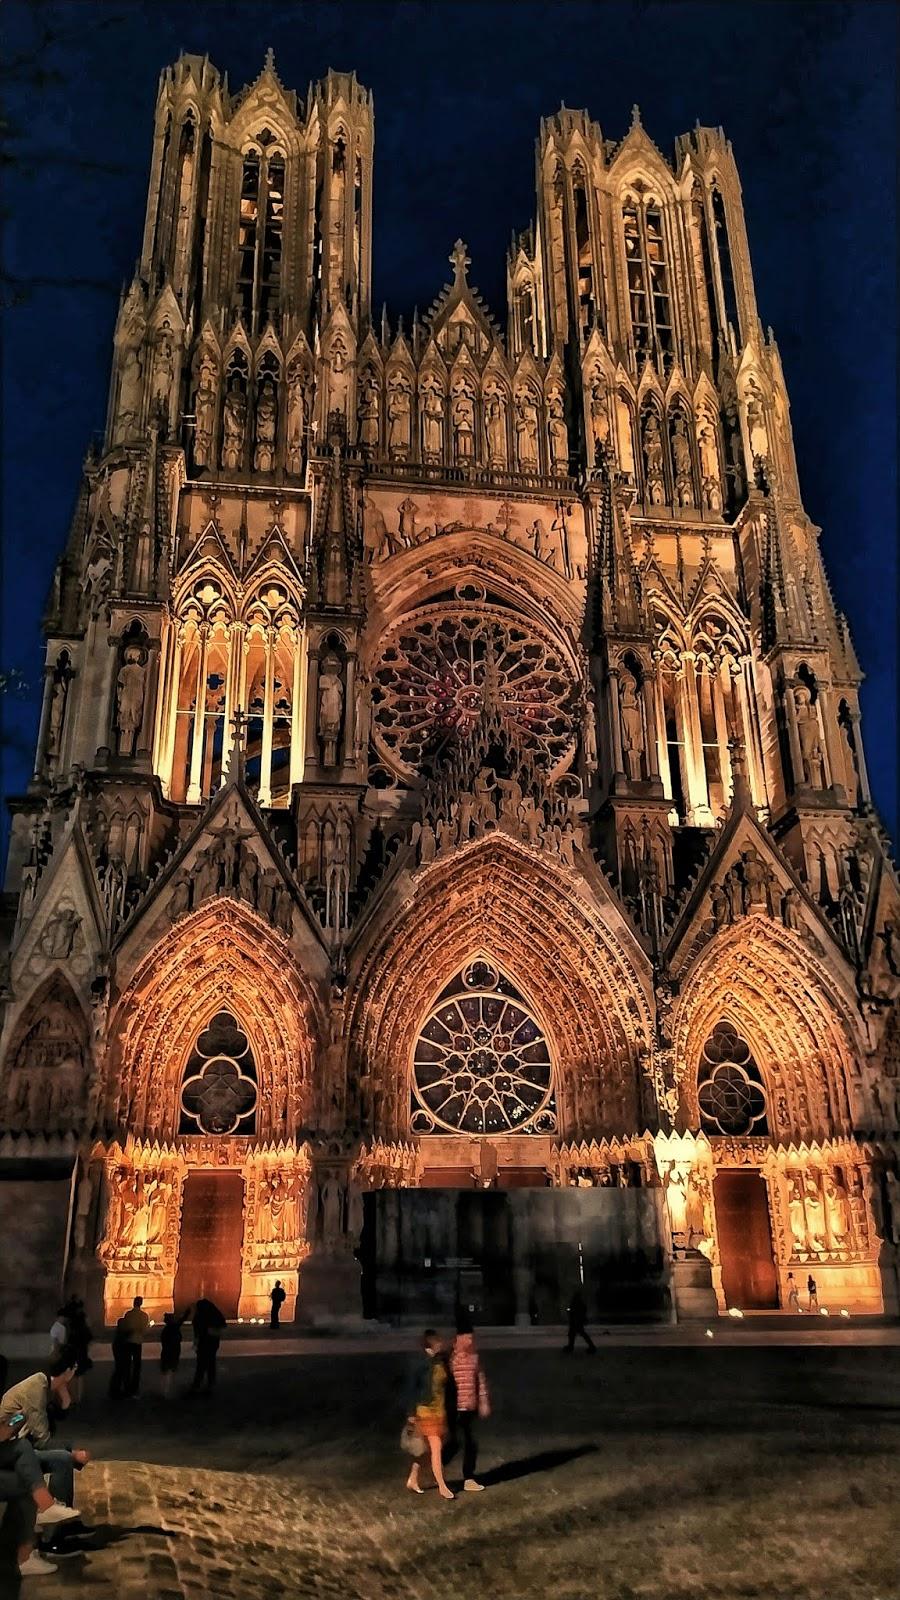 Cathédrale-Notre-dame-de-Reims-Travelling-Hopper